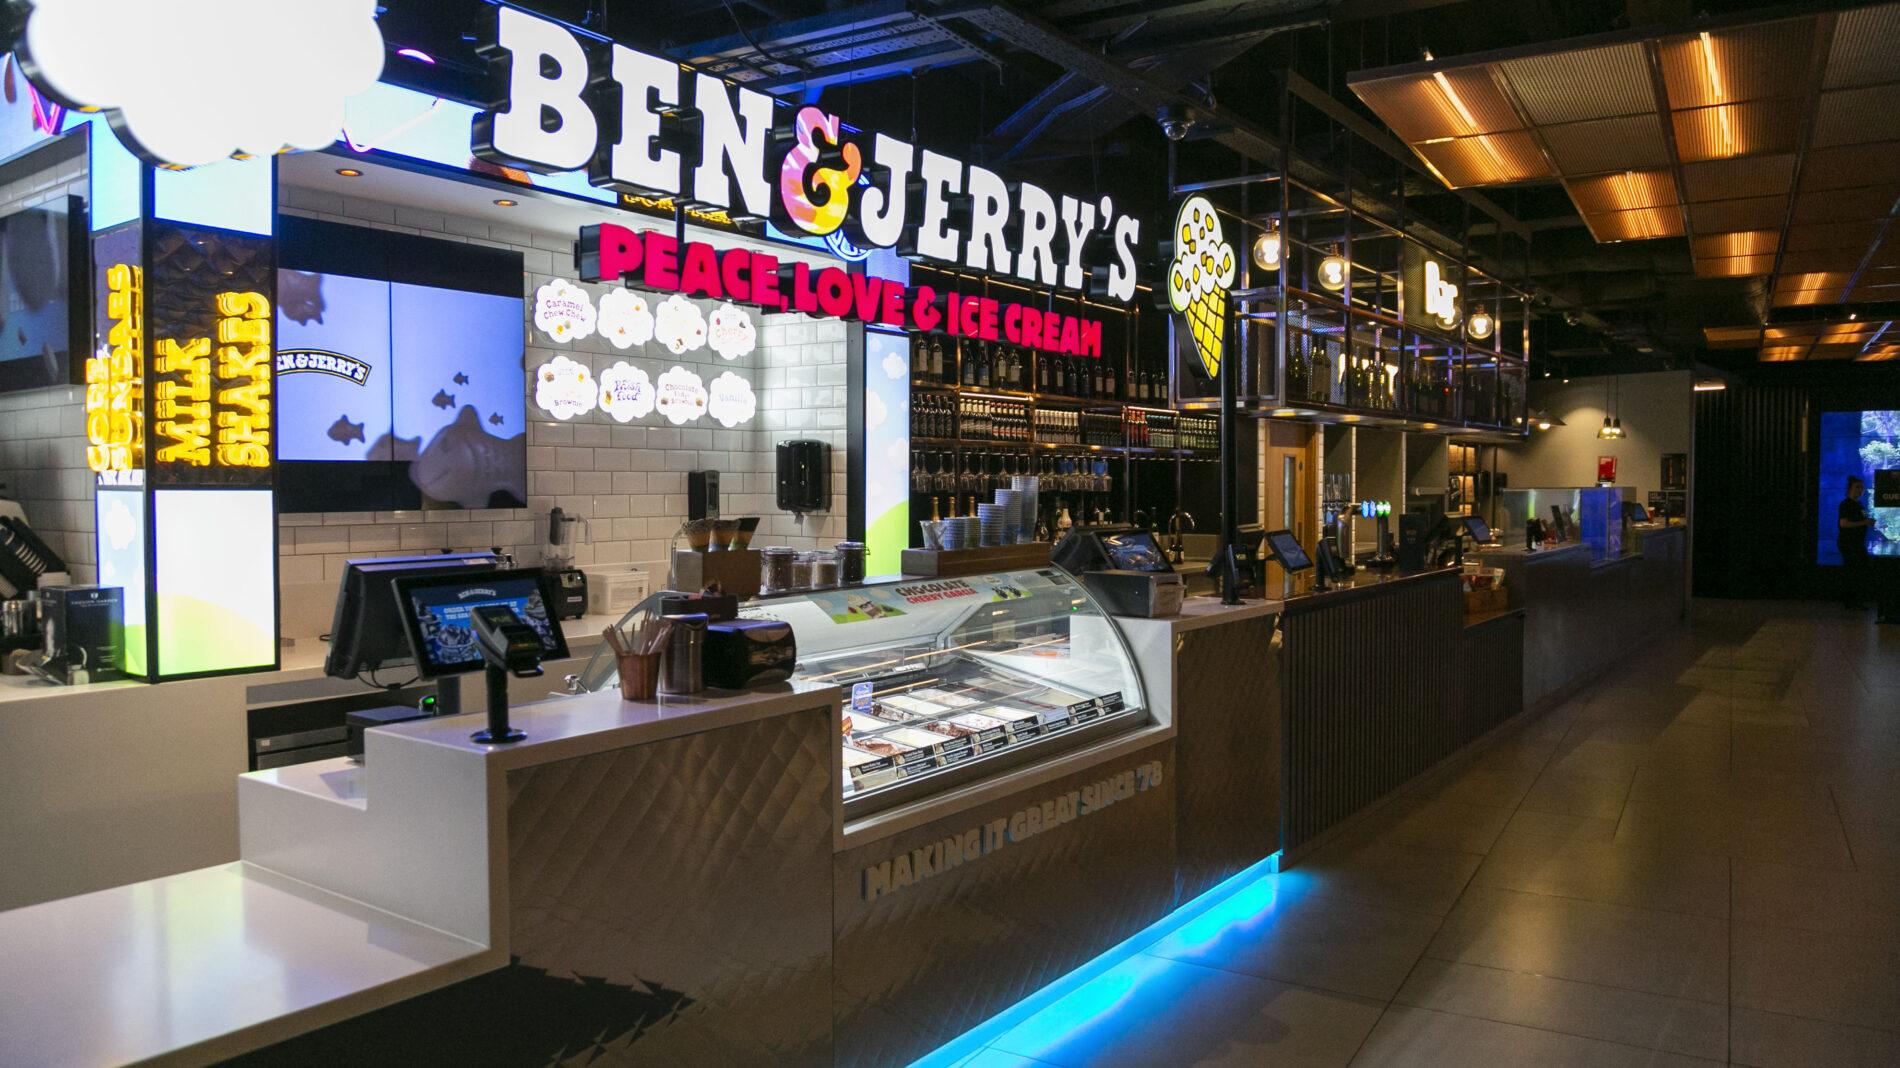 Ben and Jerry's Vue cinema ice cream kiosk